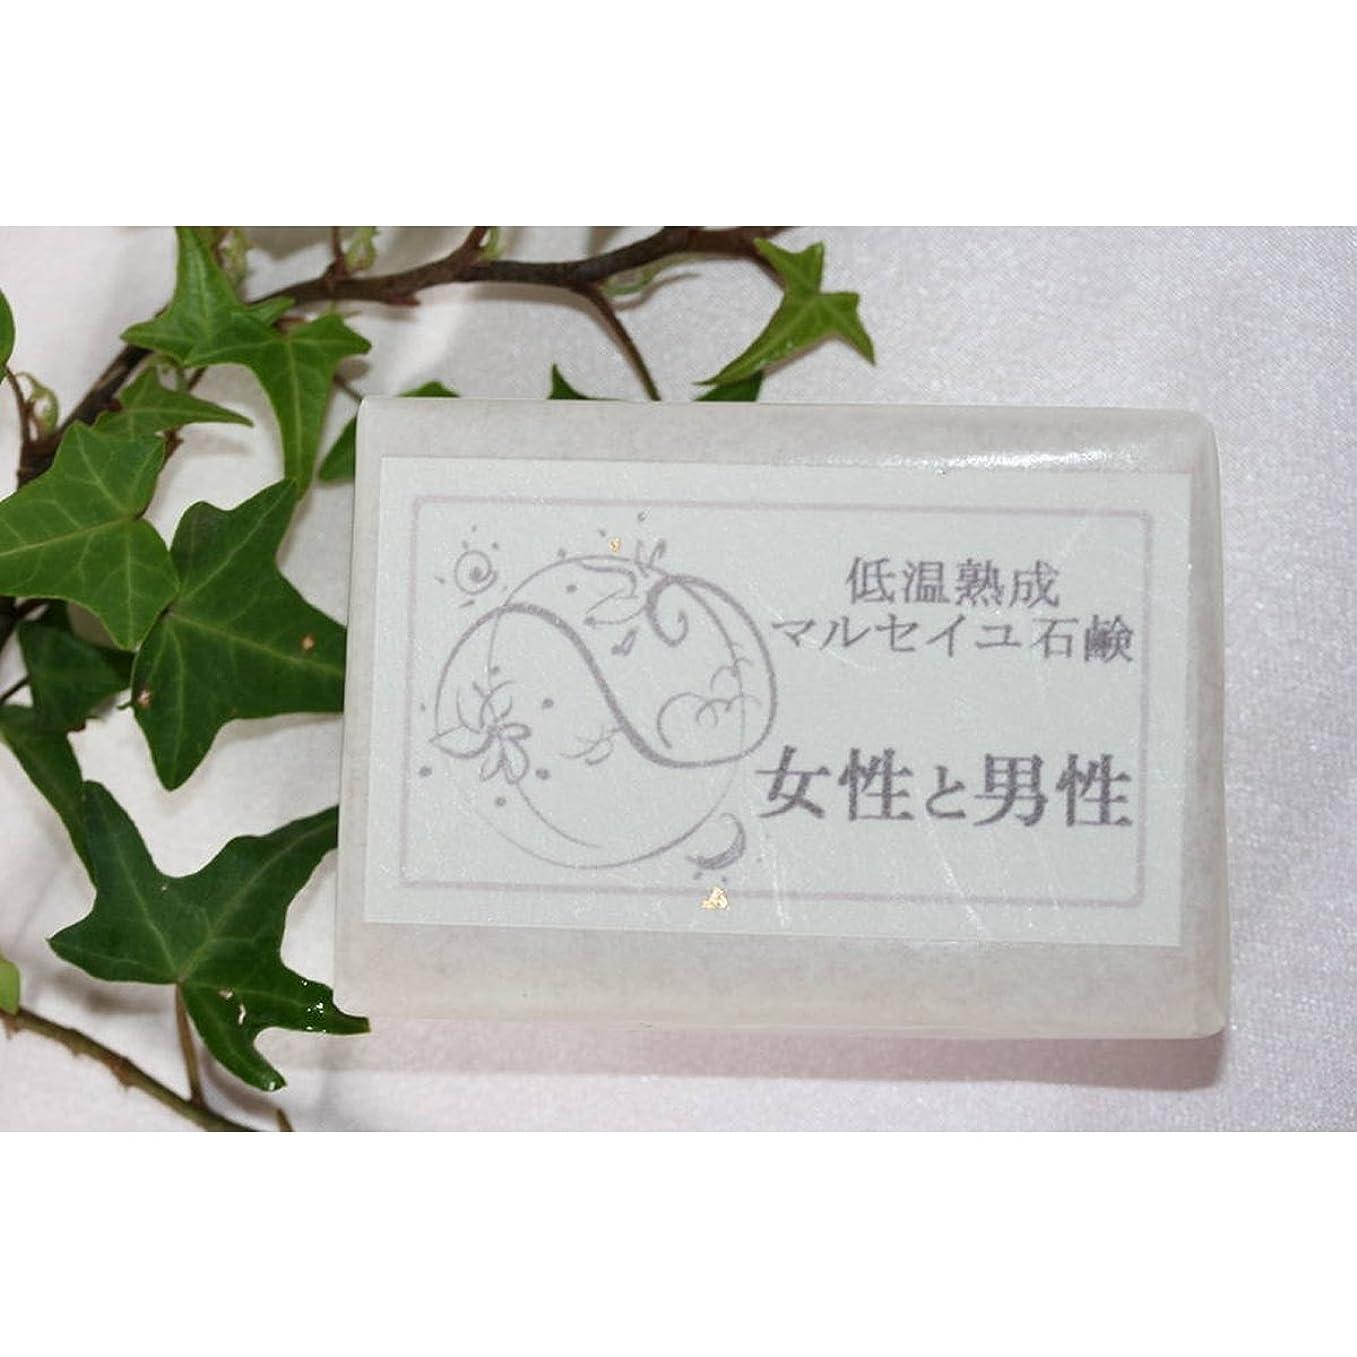 吸う季節略すマウントフジ フラワーエッセンス 低温熟成 マルセイユ石鹸 「女性と男性」 (MTFUJI FLOWER ESSENCES)